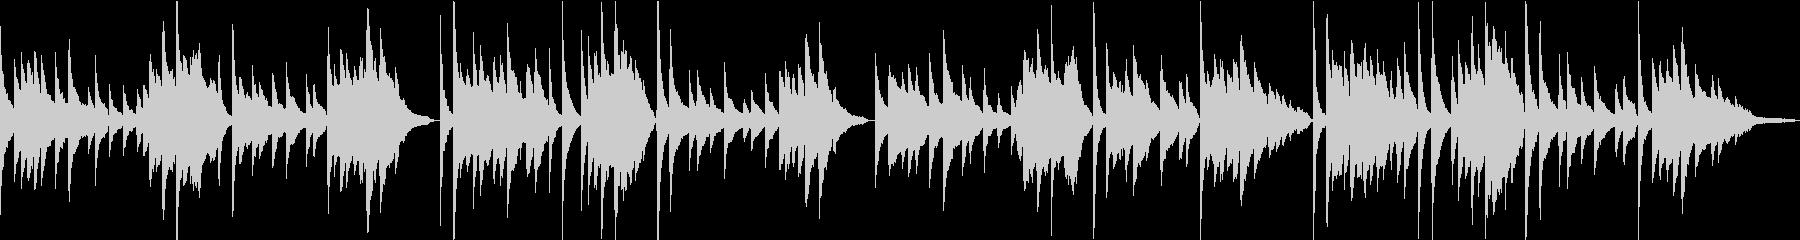 「蛍の光」ピアノアレンジ リバーブなしの未再生の波形